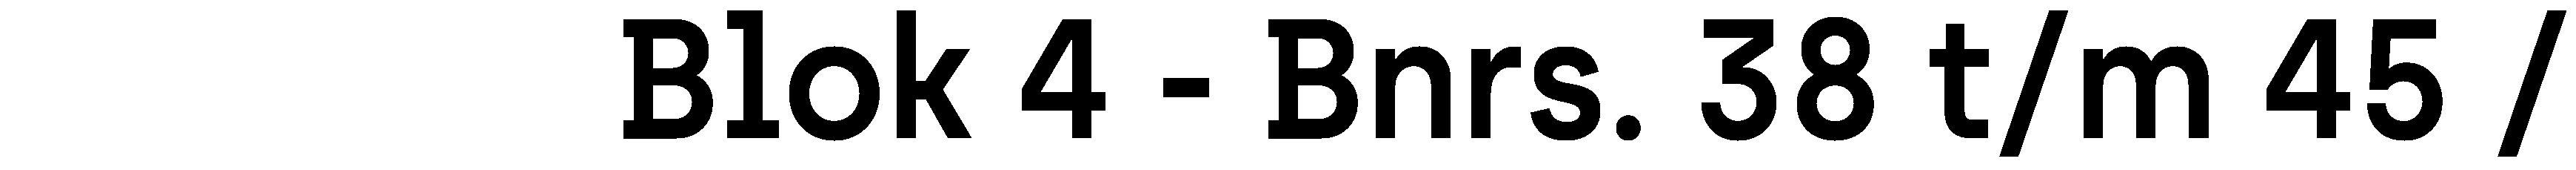 3125c1d0-1e92-11eb-9a20-21b331e1a5c4.png